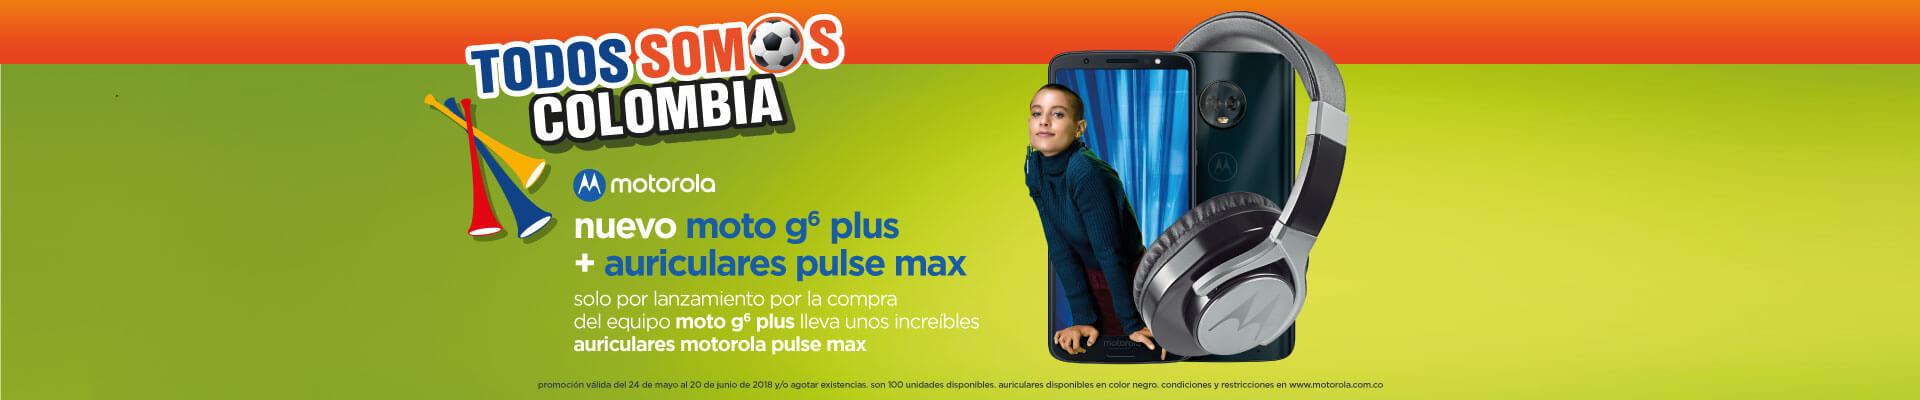 AK-PPAL-3-celulares-LNZ---Motorola-MotoG6Plus-May24